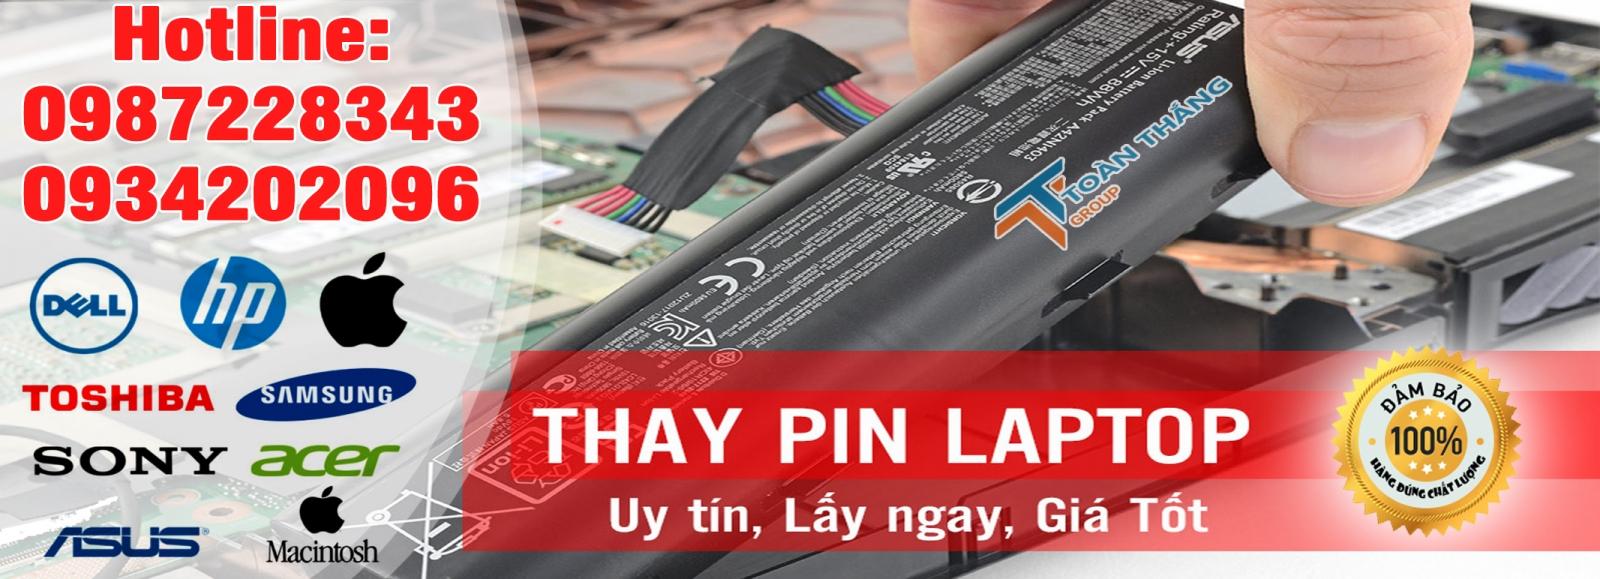 Công Ty Dịch Vụ Thay Pin Laptop Tận Nơi Huyện Nhà bè Uy Tín Chính Hãng